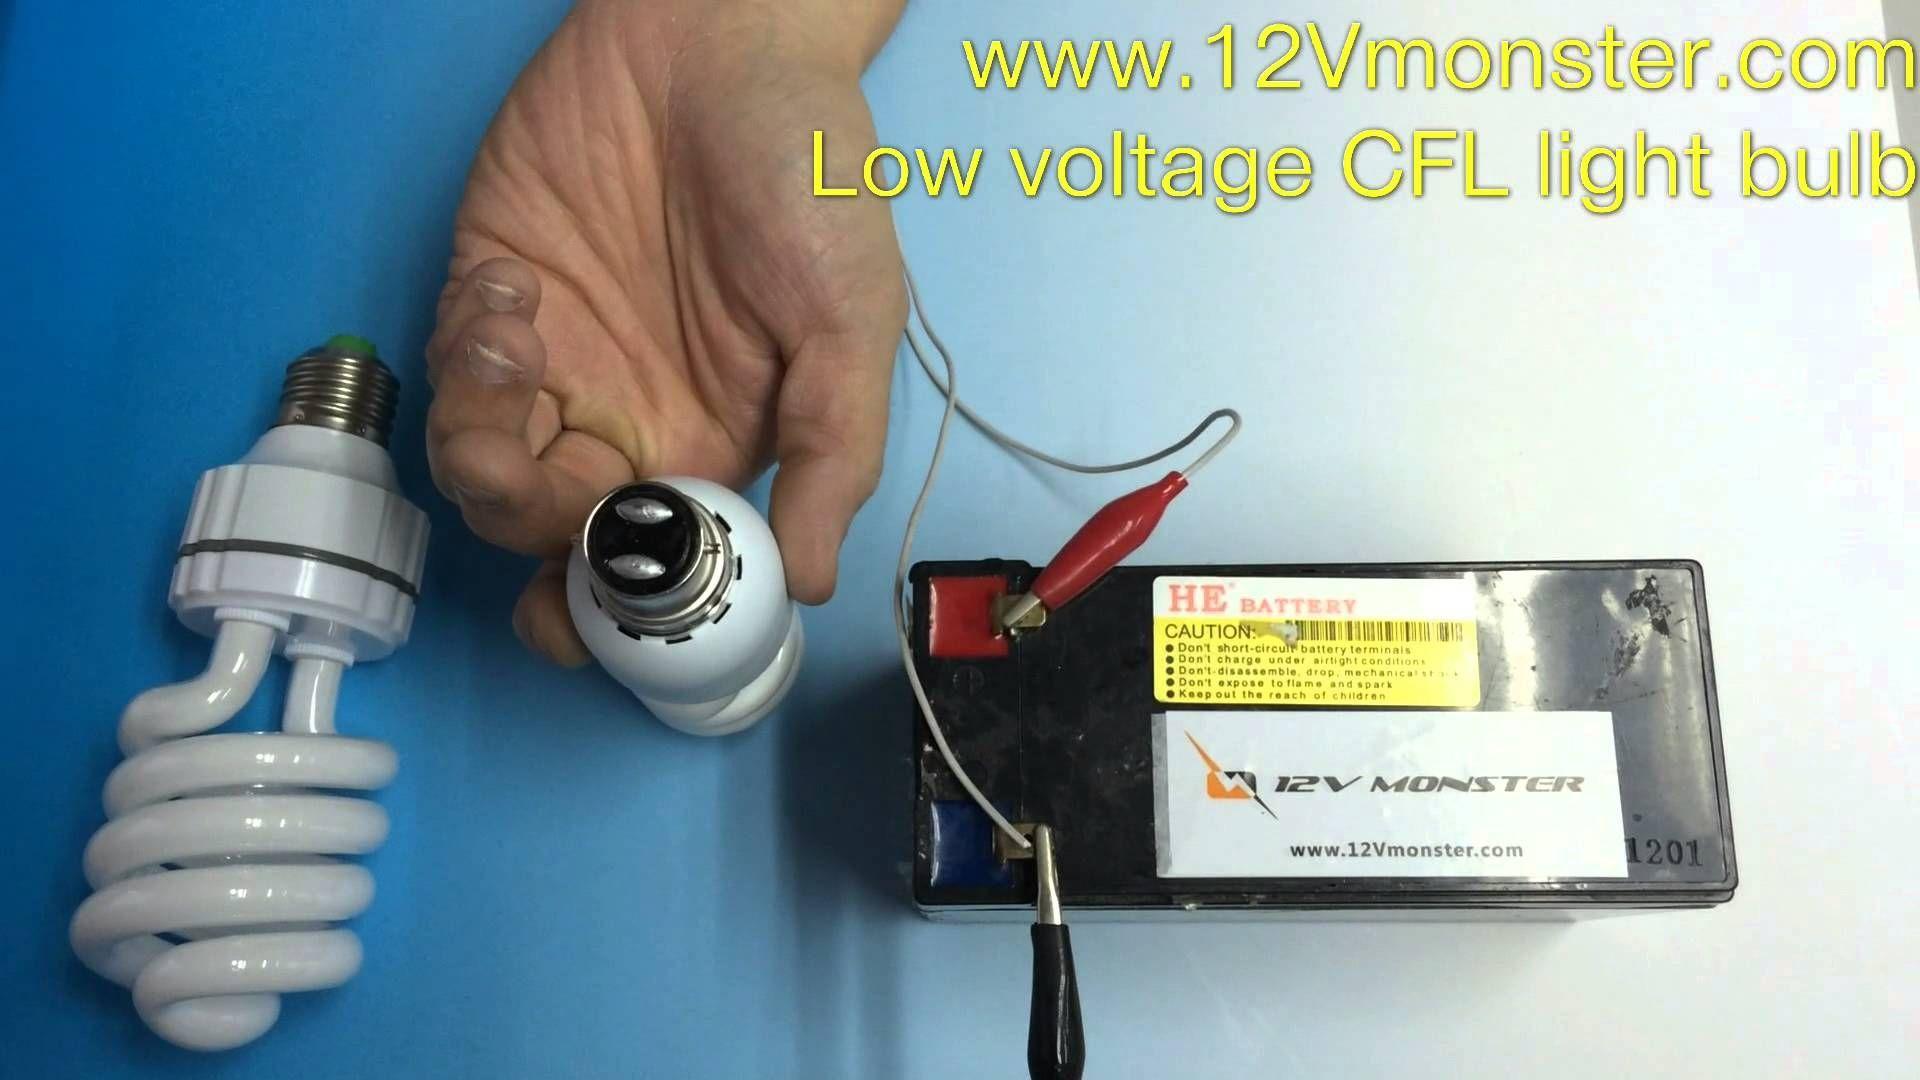 12 Volt Dc Fluorescent Light Fixtures | http://deai-rank.info ...